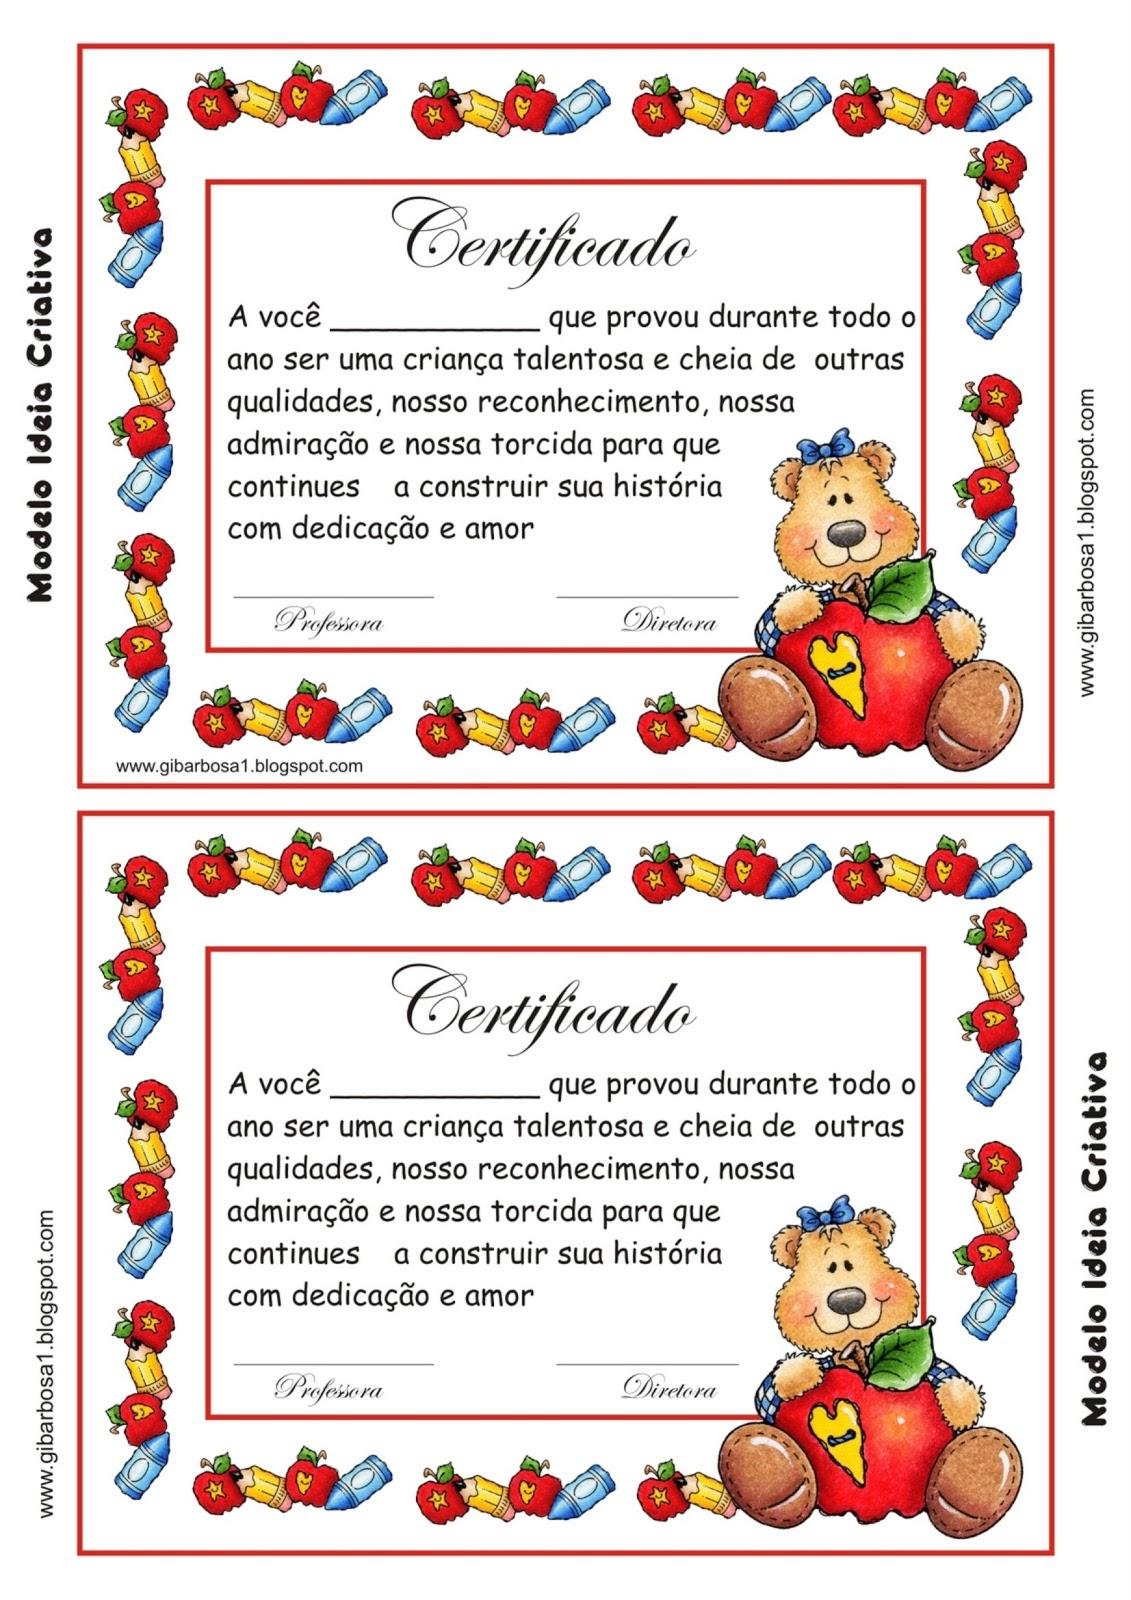 Certificado De Formatura Educação Infantil Ideia Criativa